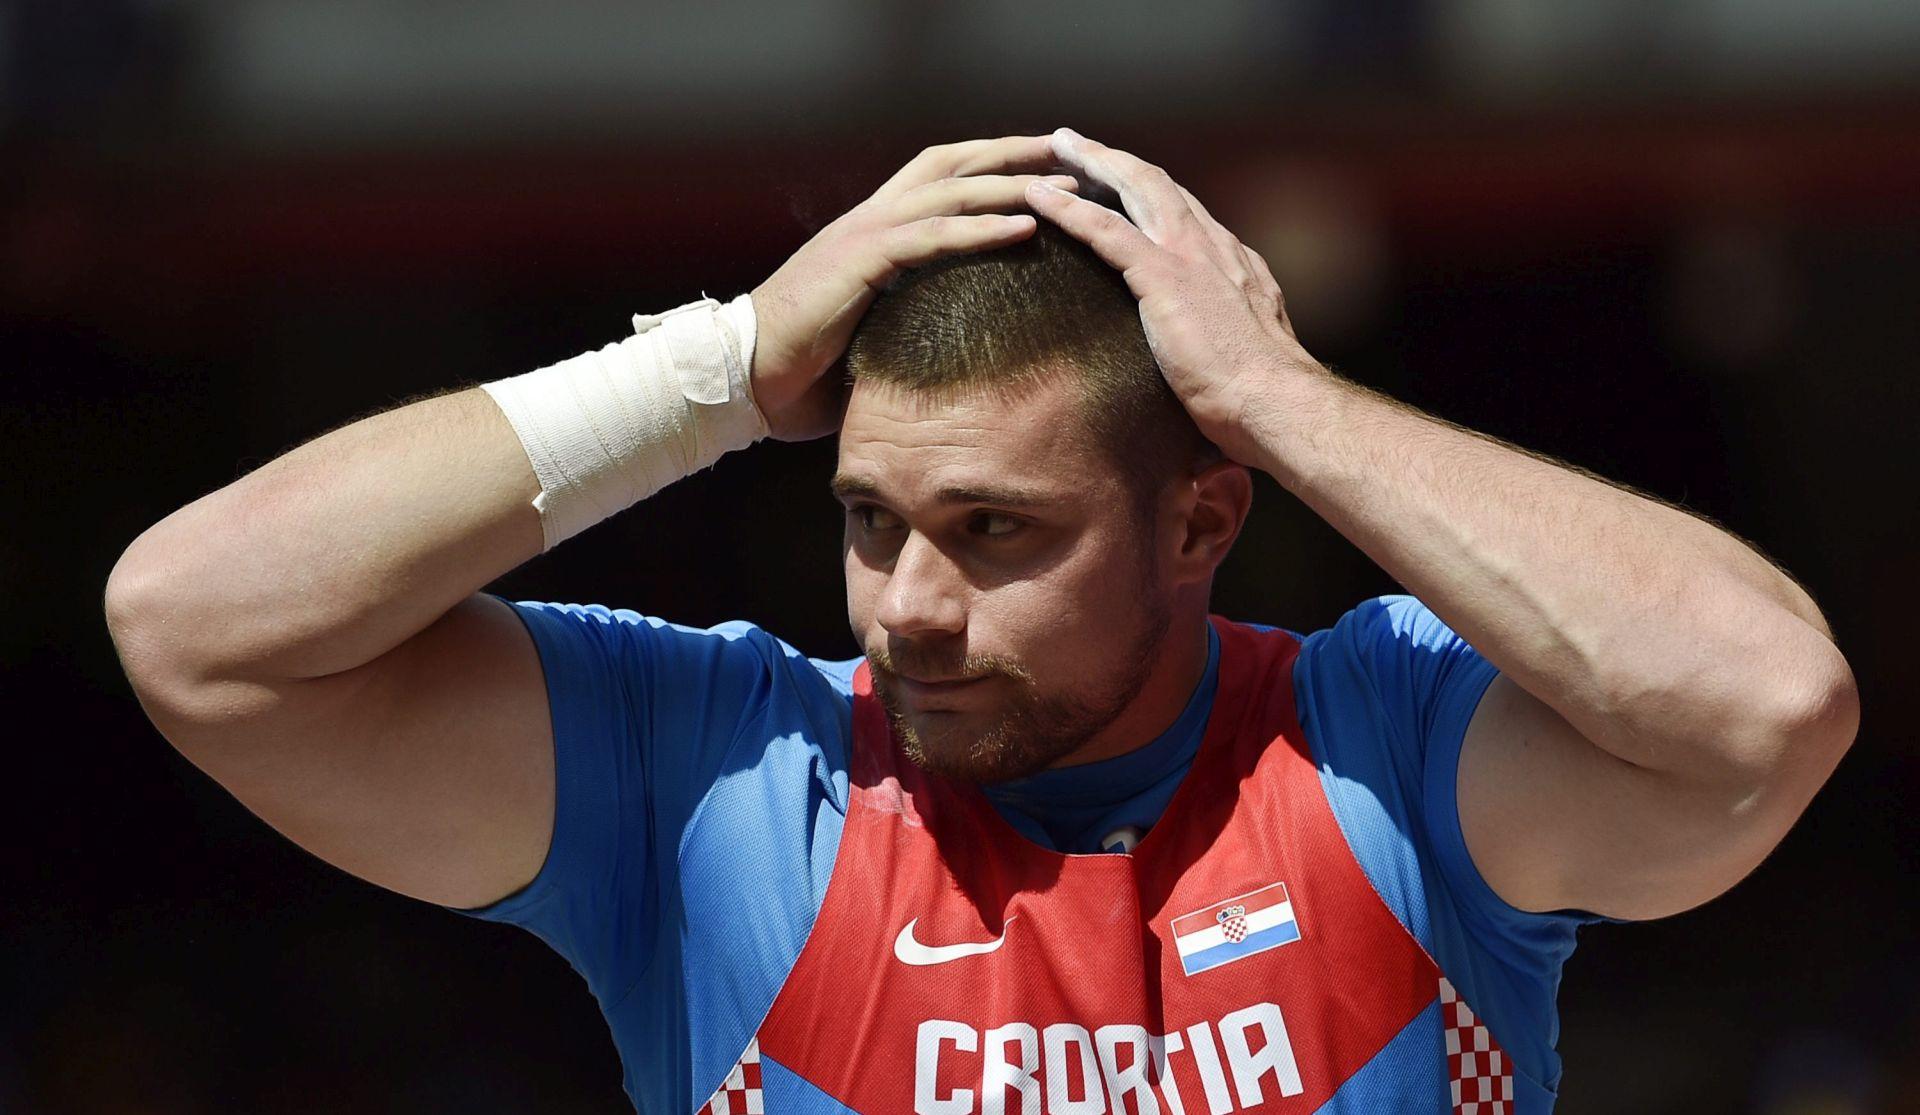 ATLETSKO SP U PEKINGU Premeru bez finala, završio 12. u kvalifikacijama